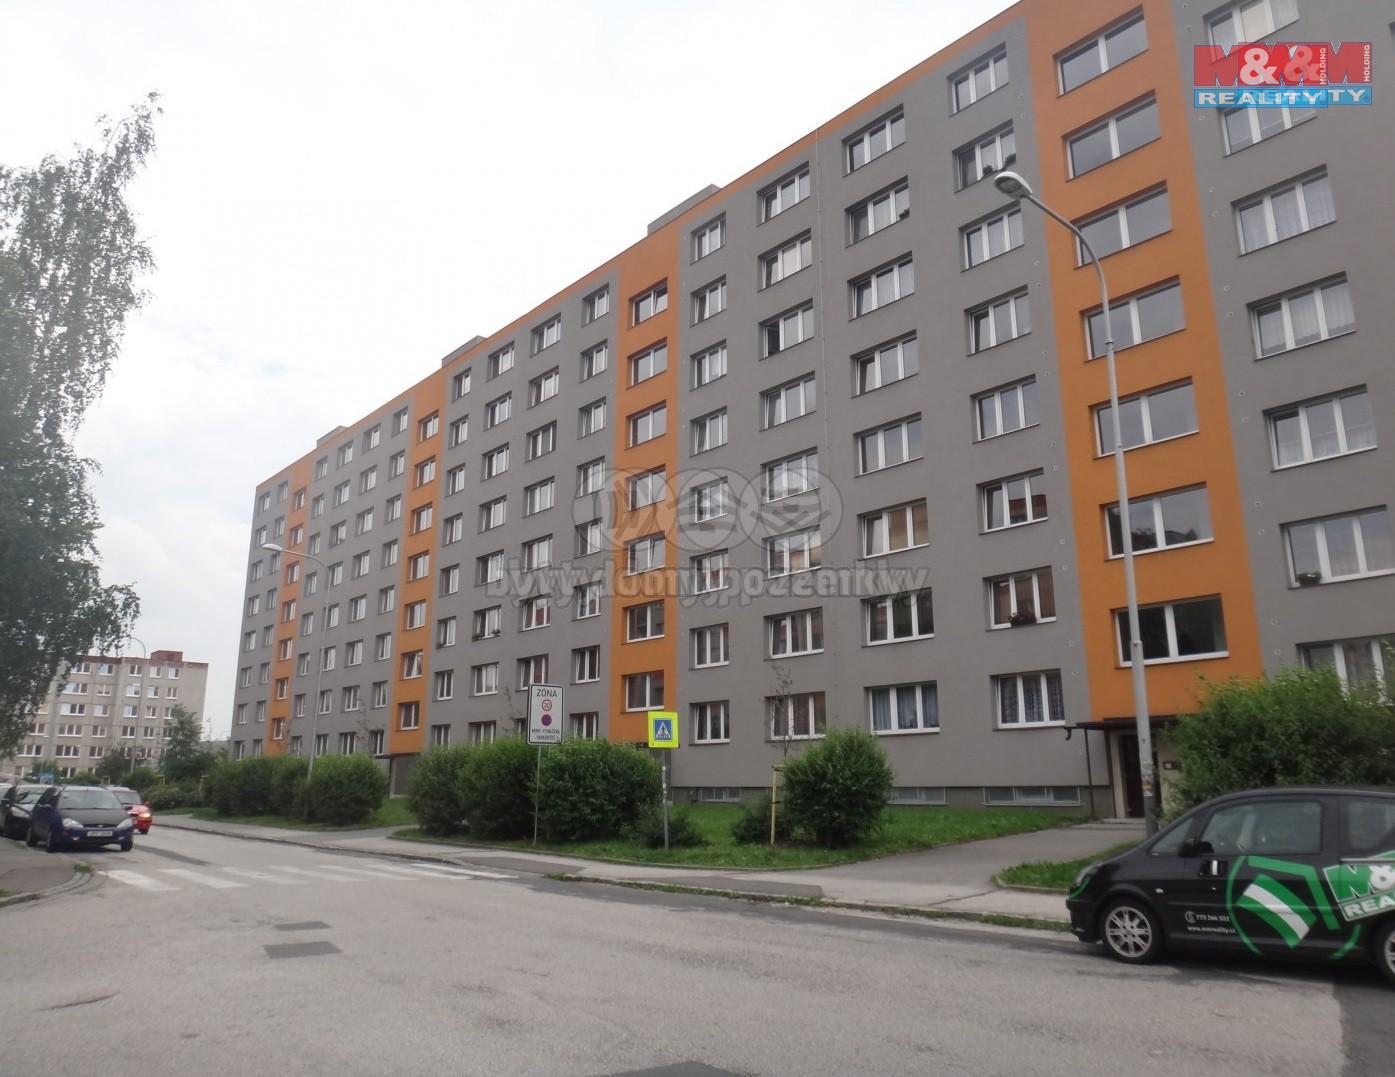 Prodej, byt 3+1, 74 m2, Ostrava - Dubina, ul. Jiříkovského